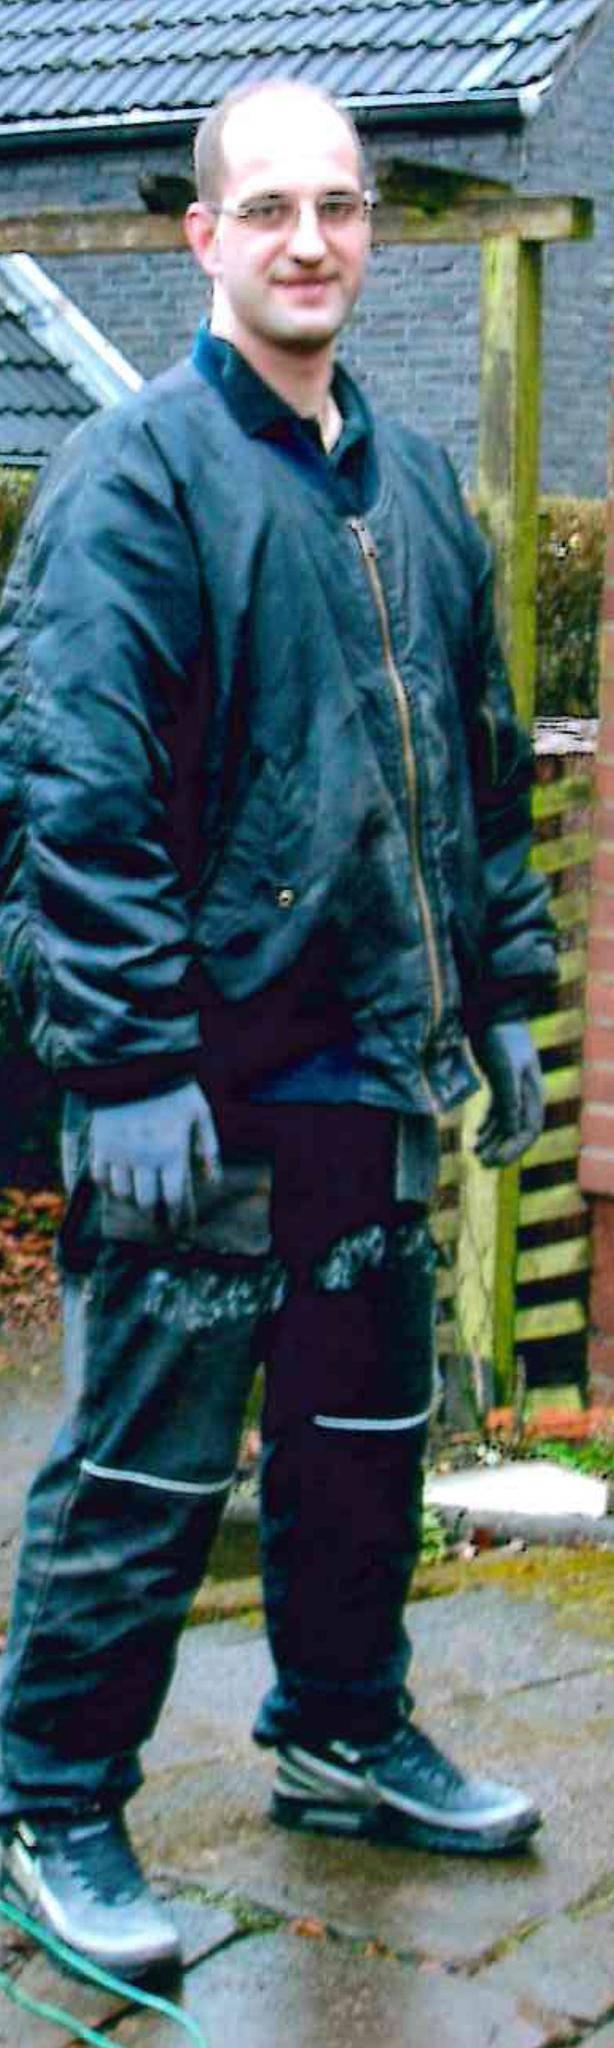 Stefan K. ist 35 Jahre alt, 177 cm groß, 80 Kg schwer und wird seit Samstagnacht in Düsseldorf vermisst